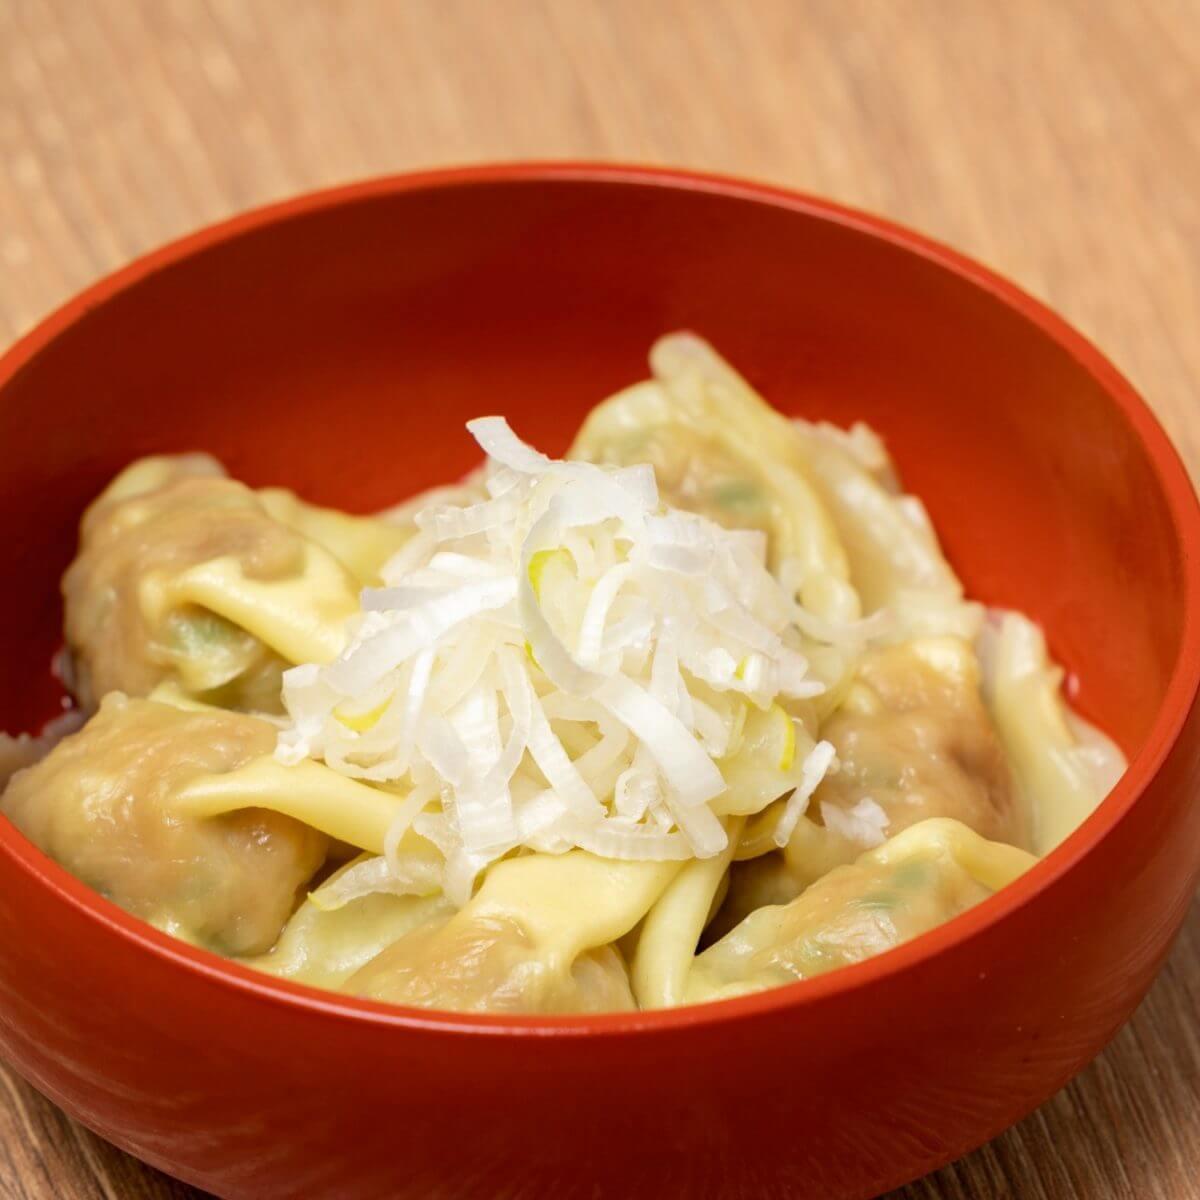 つるっともちもち食感がクセになる全国の「肉汁餃子のダンダダン」で「皿ワンタン」